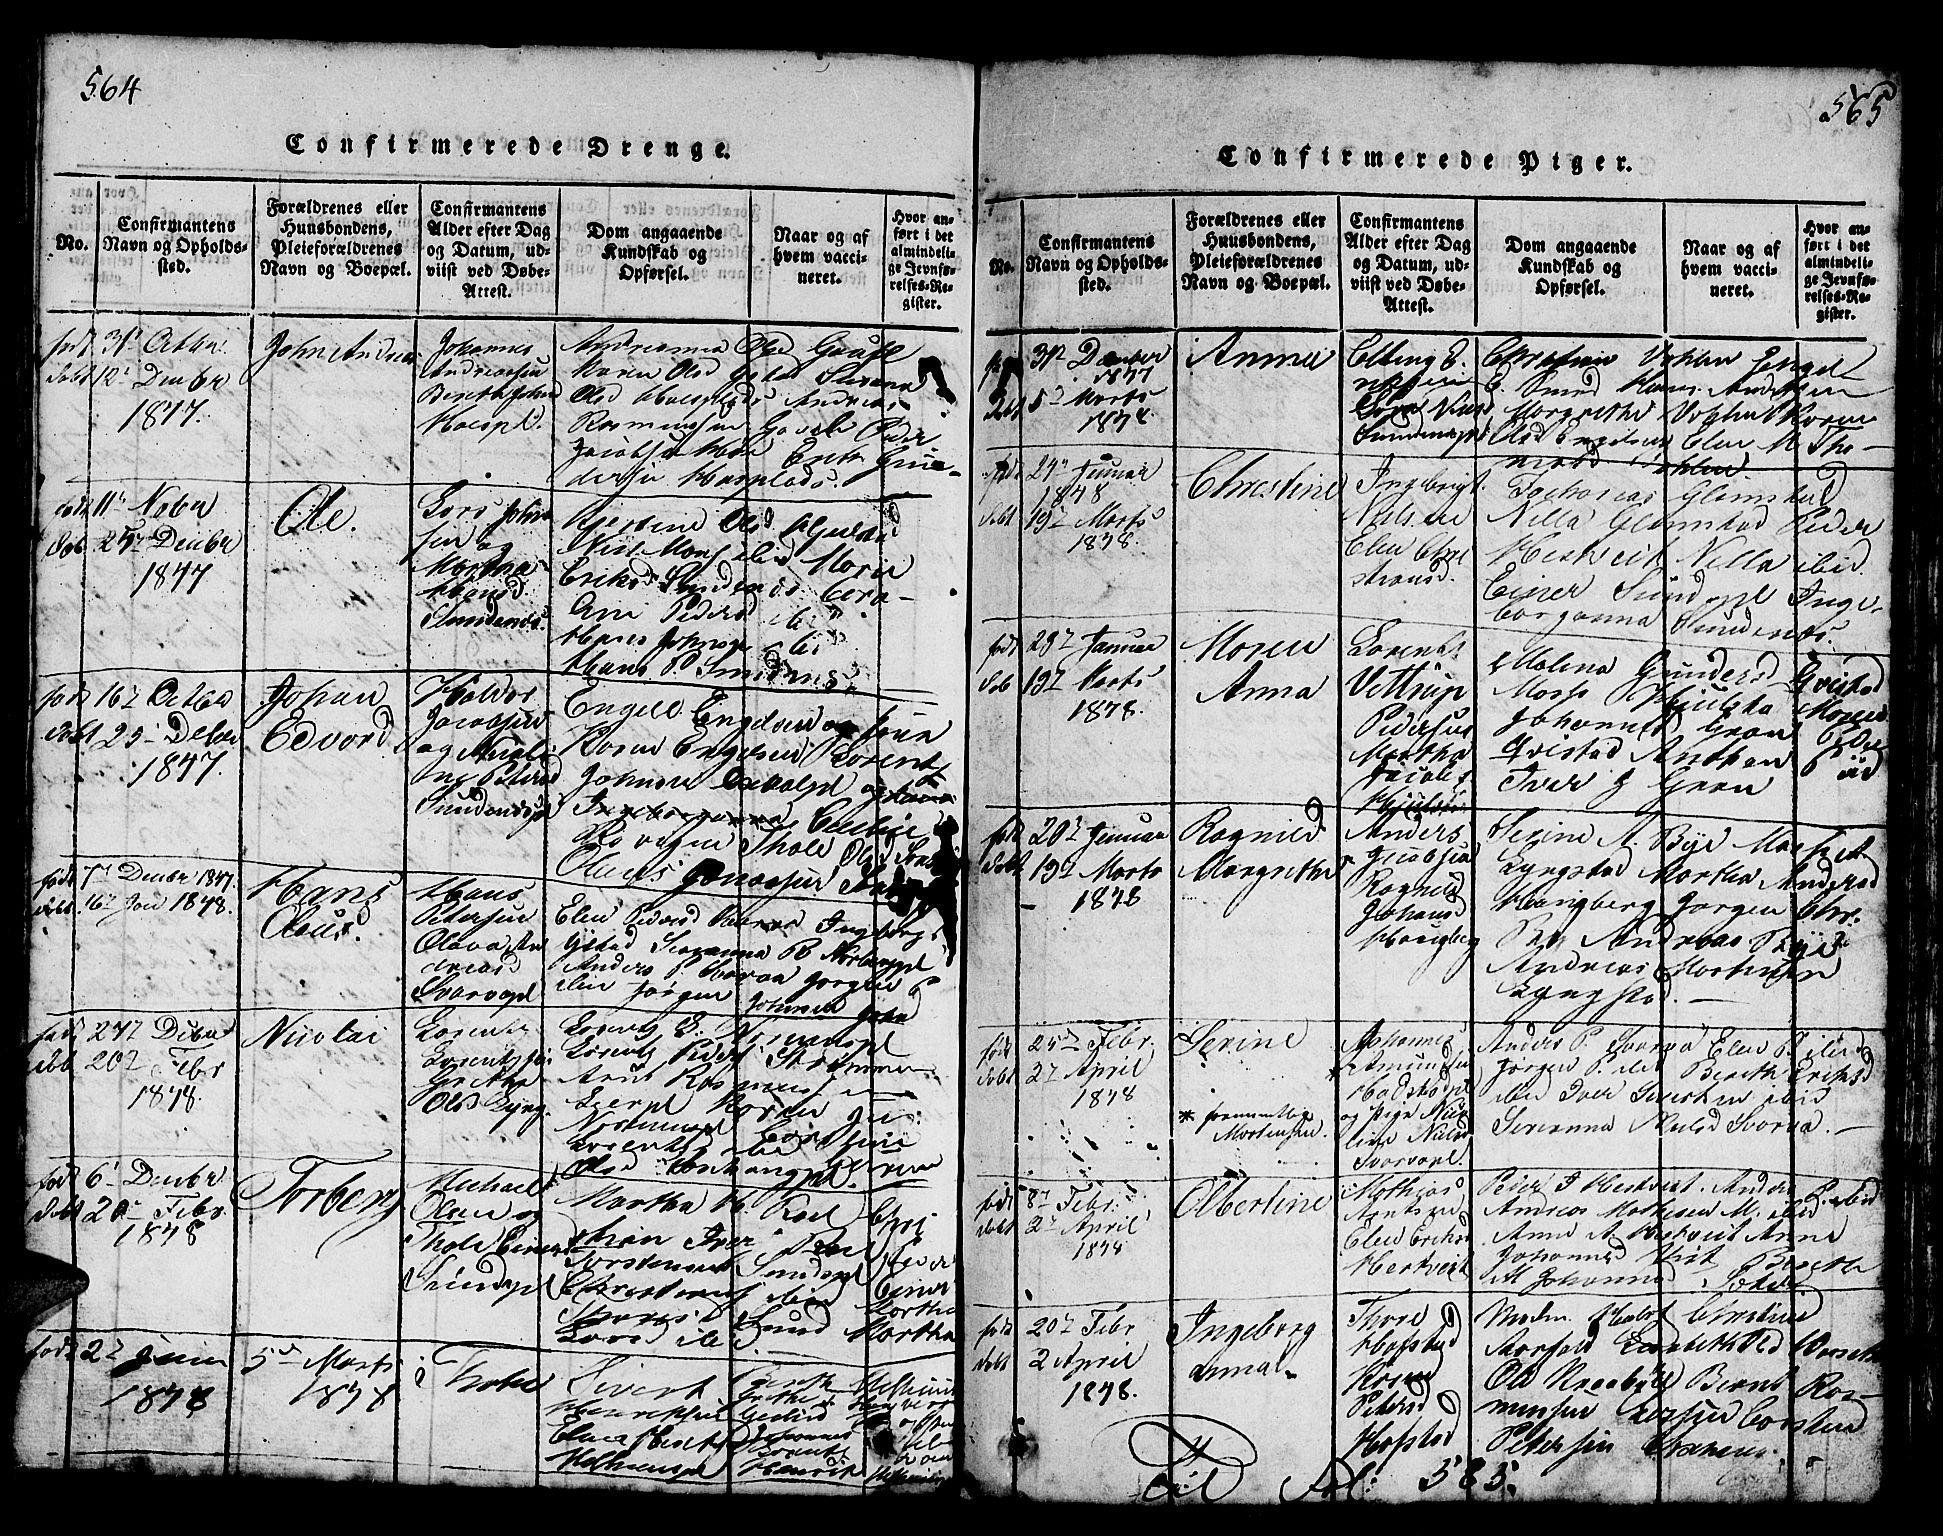 SAT, Ministerialprotokoller, klokkerbøker og fødselsregistre - Nord-Trøndelag, 730/L0298: Klokkerbok nr. 730C01, 1816-1849, s. 564-565